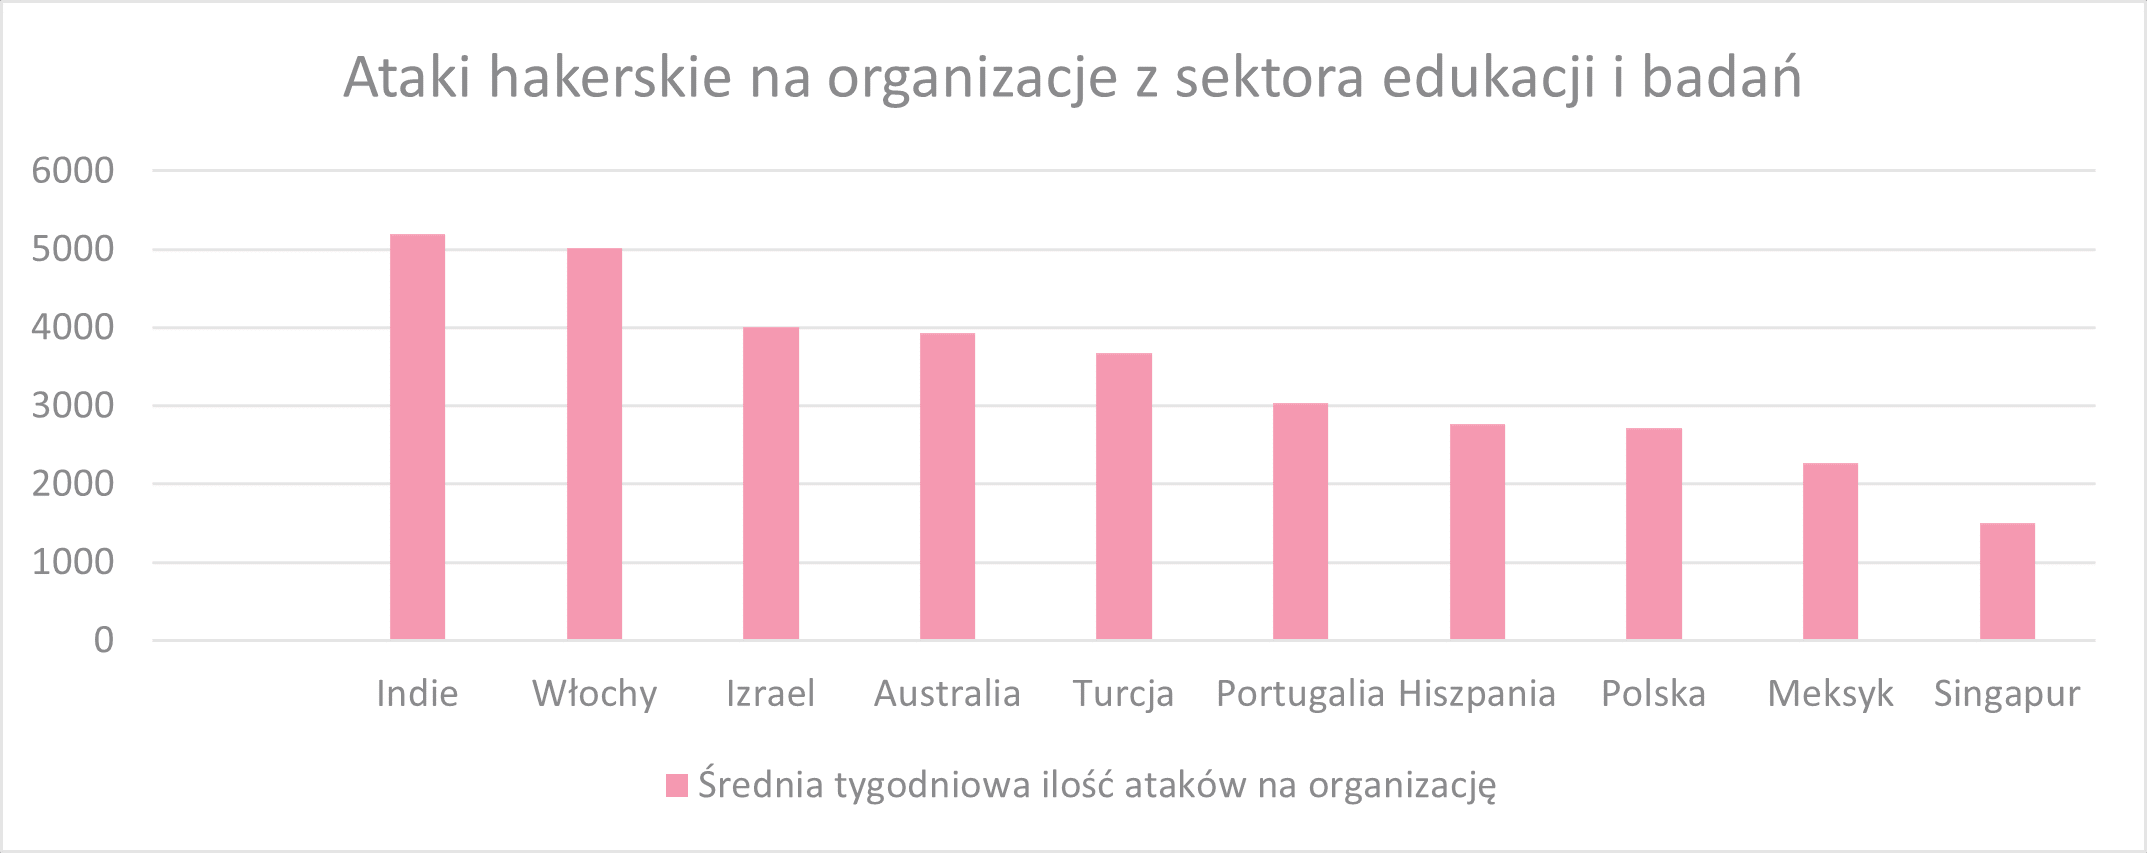 Ataki hakerskie na organizacje z sektora edukacji i badań